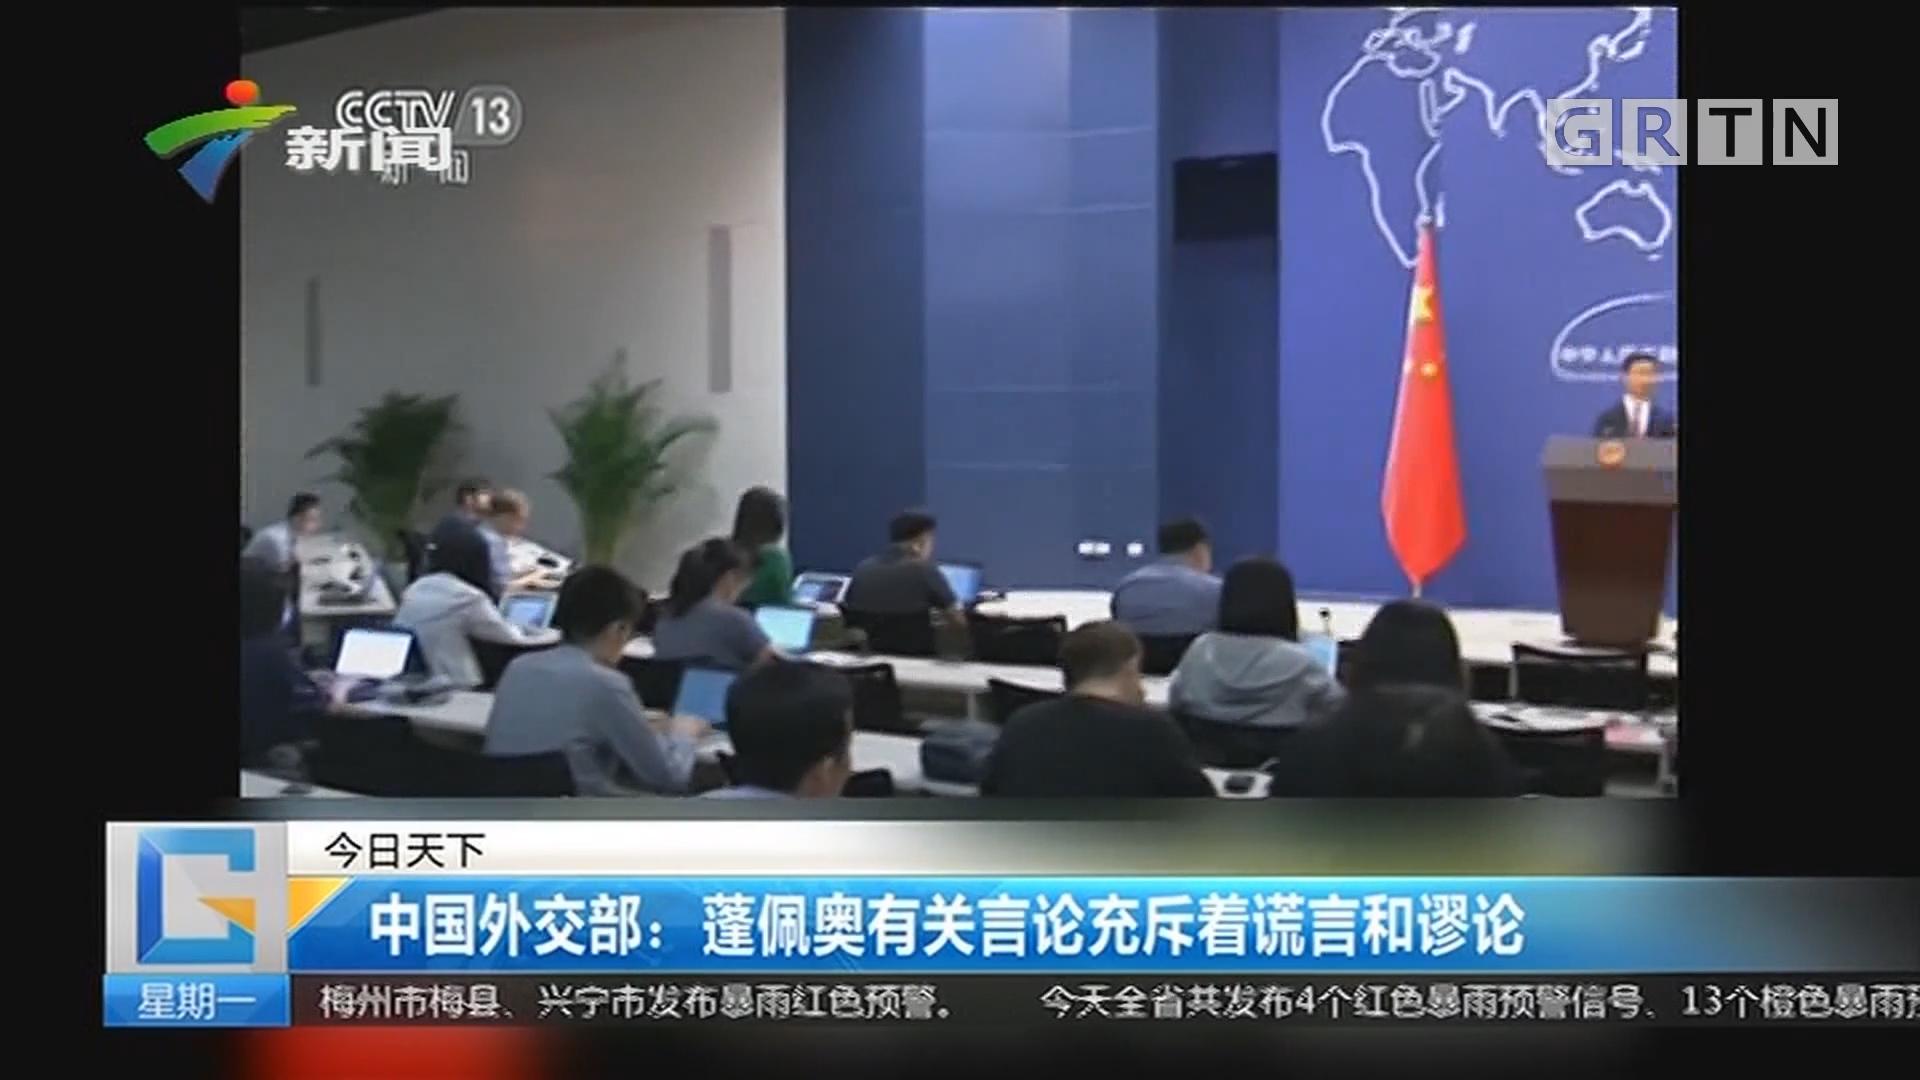 中国外交部:蓬佩奥有关言论充斥着谎言和谬论